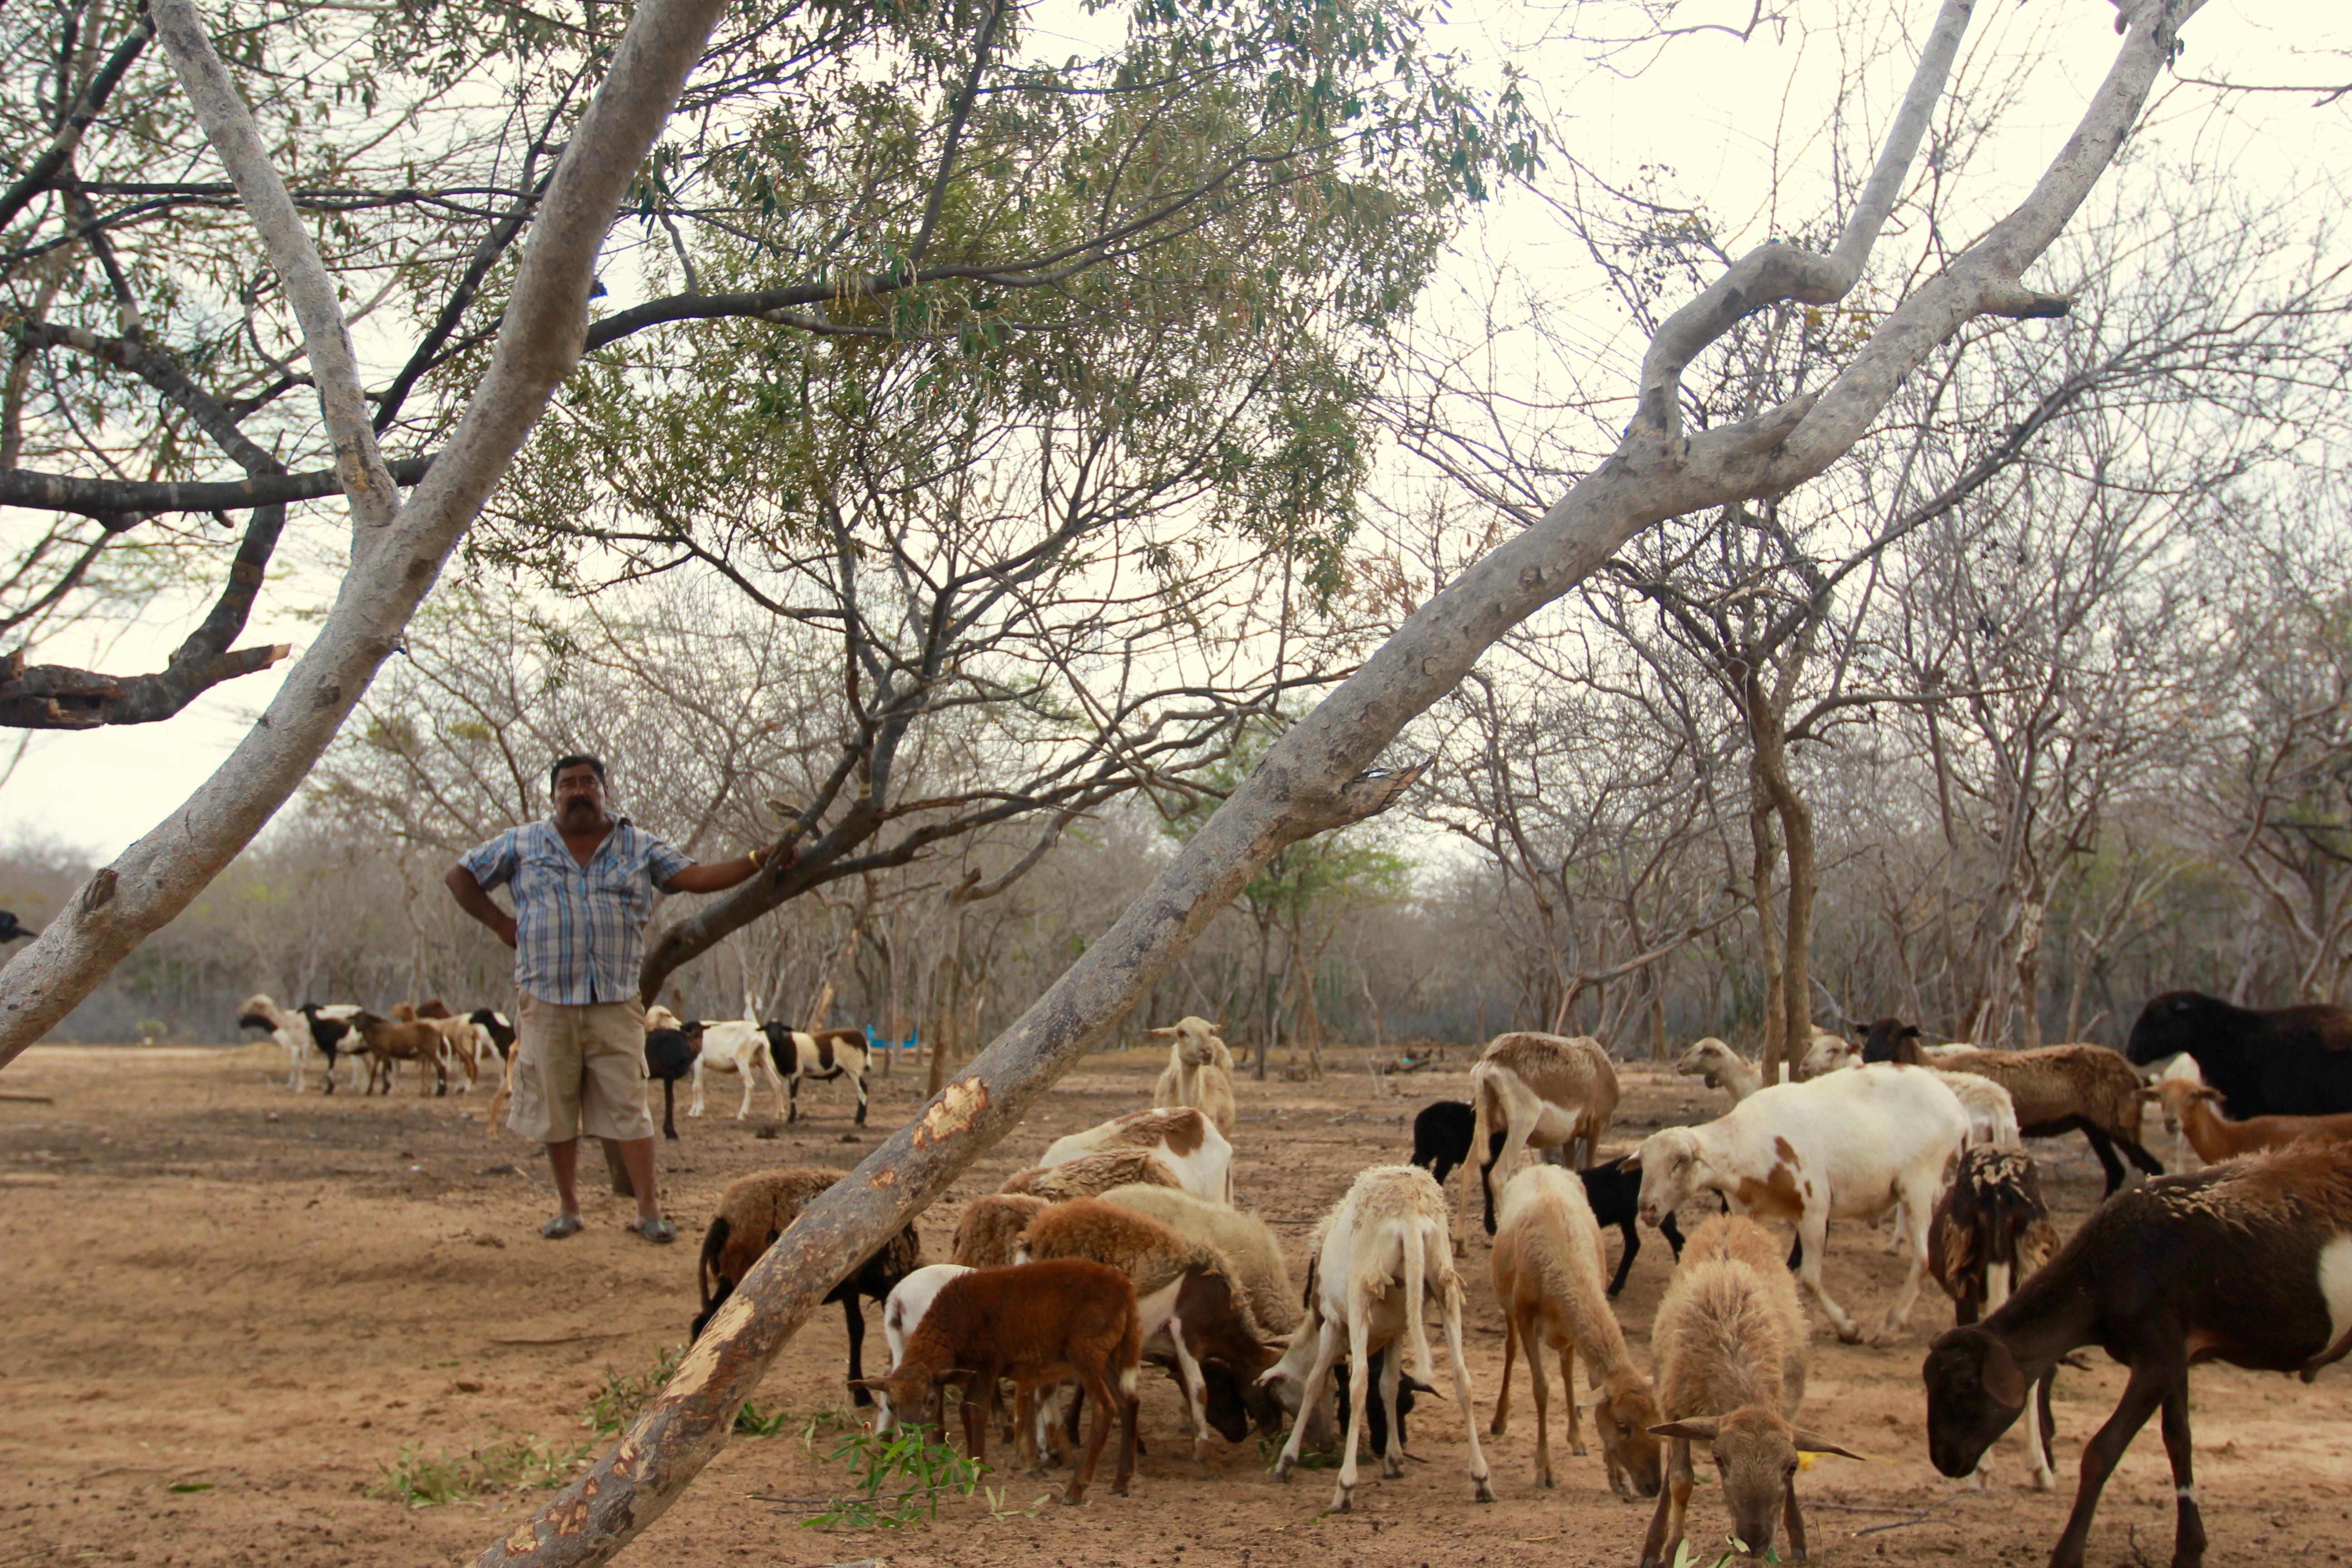 Abram's goats